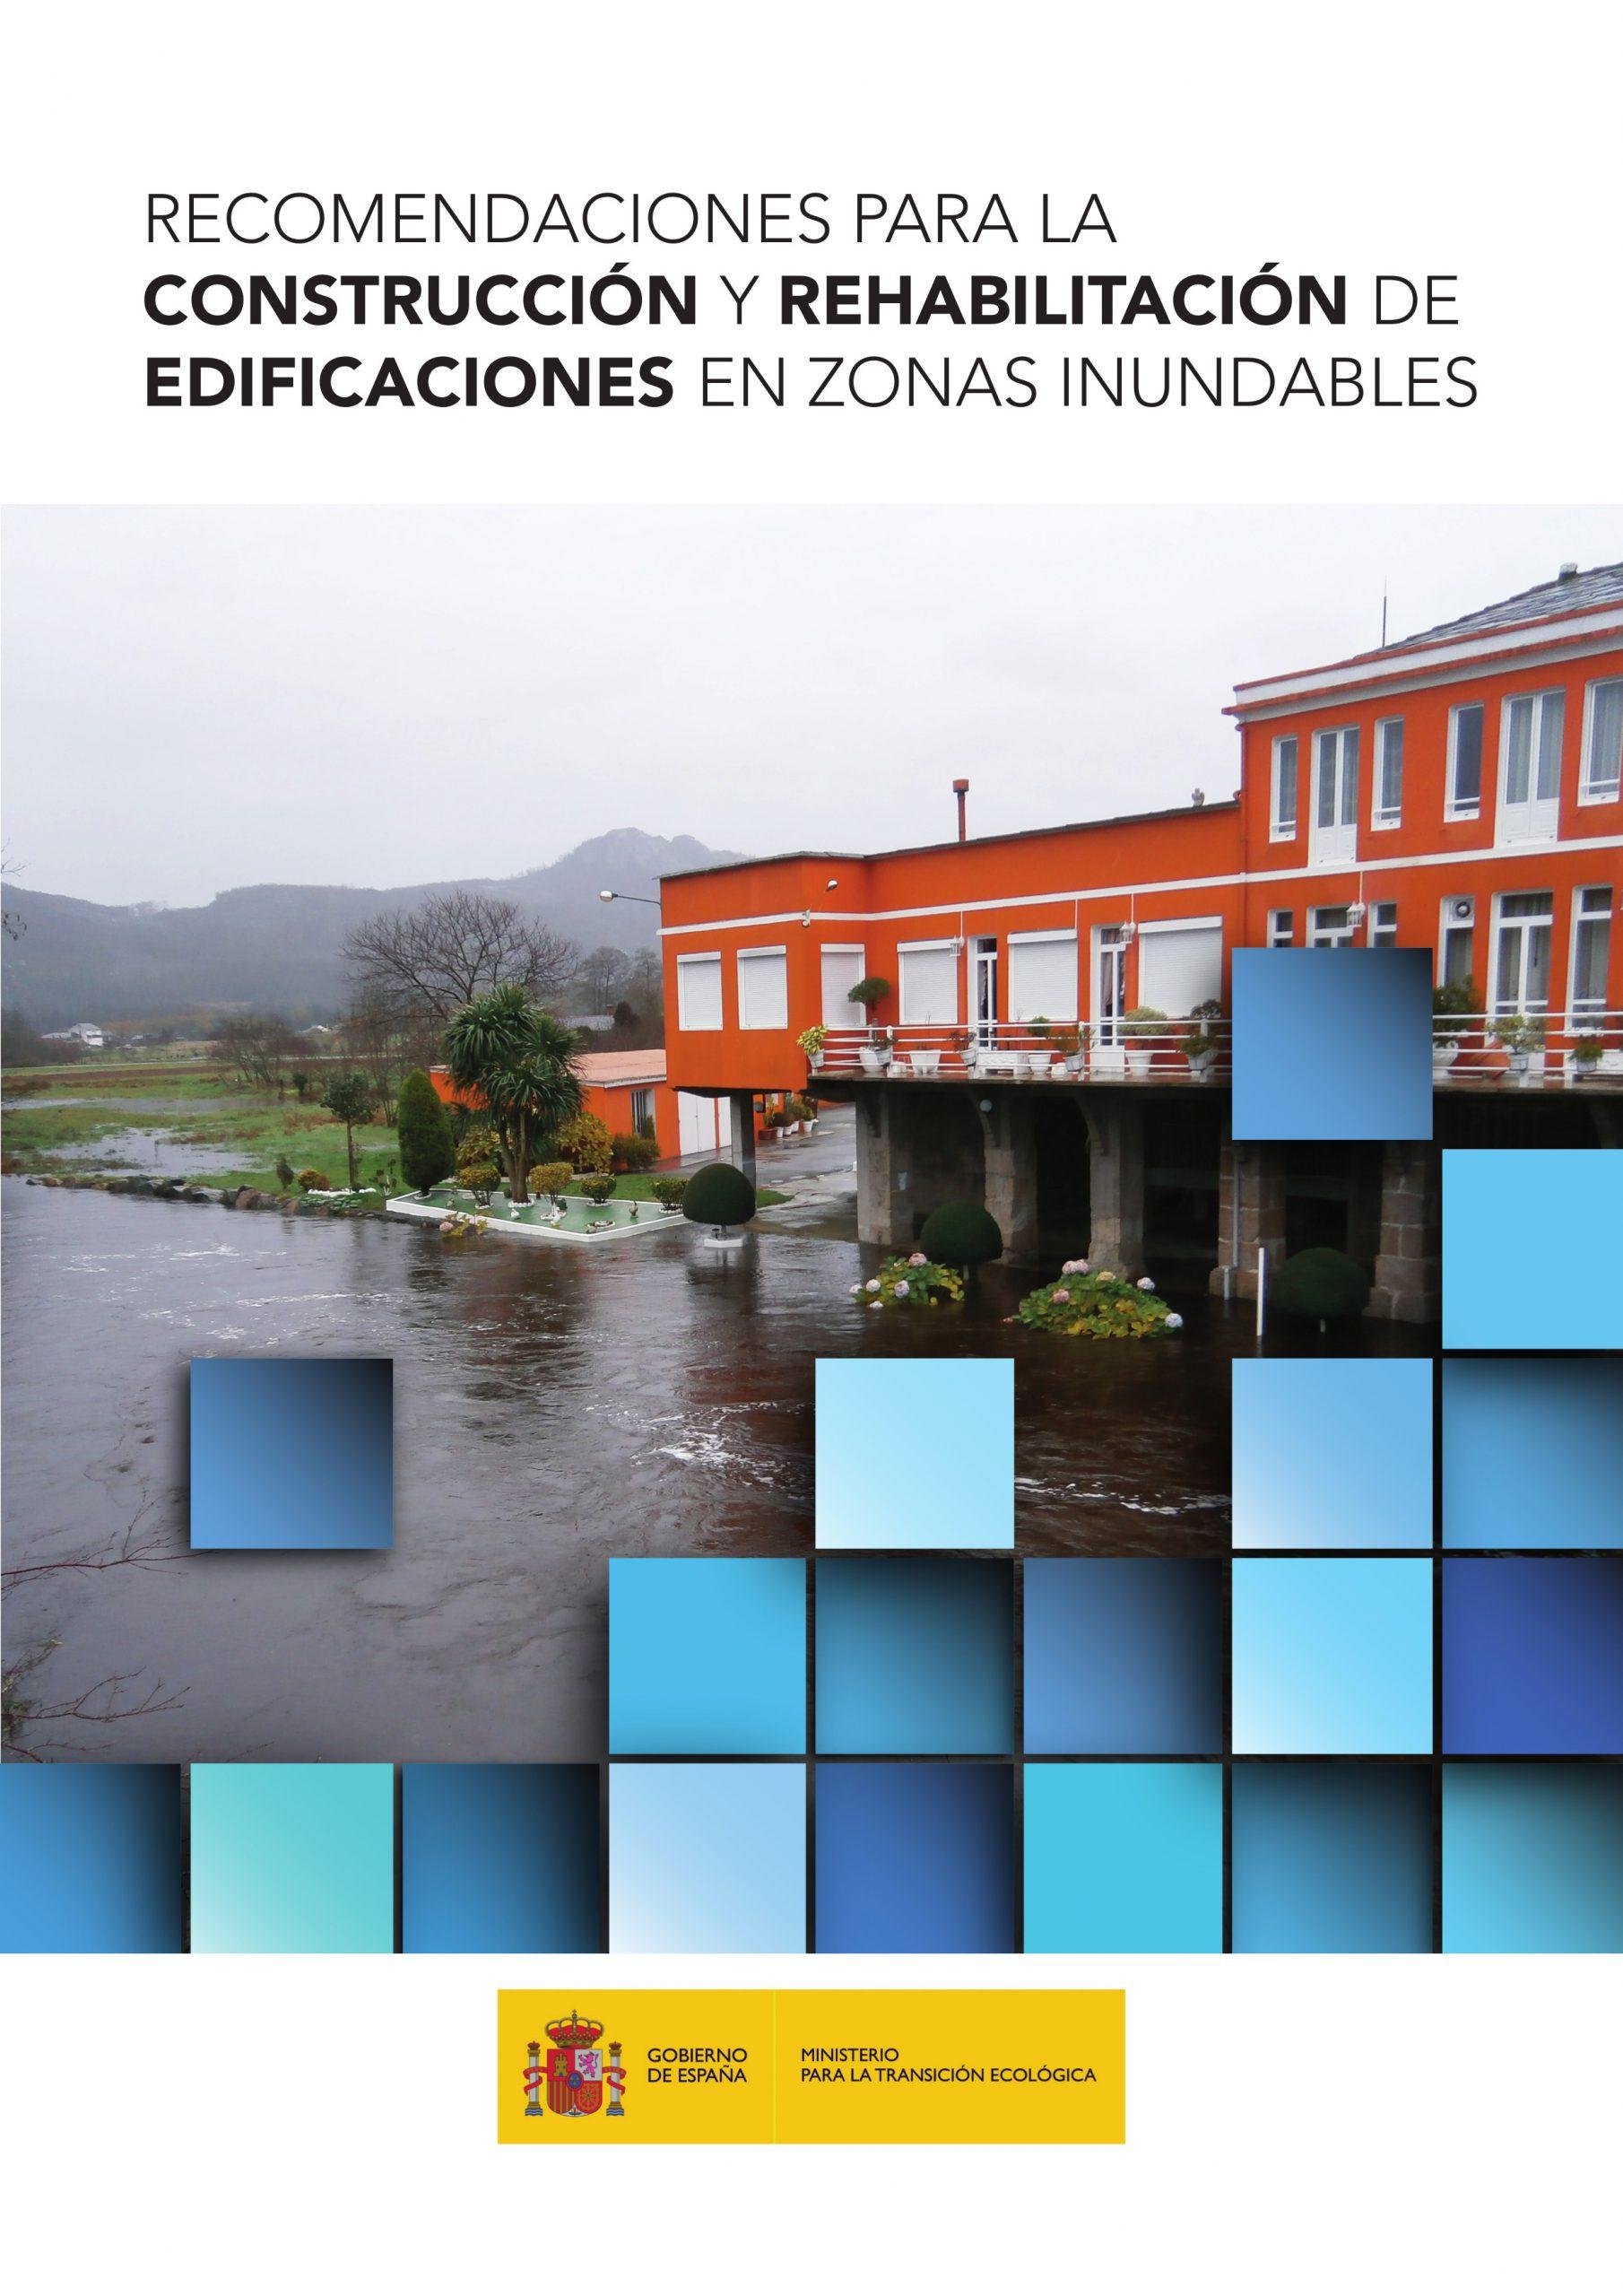 El MITECO publica cinco guías para la adaptación al riesgo de inundación